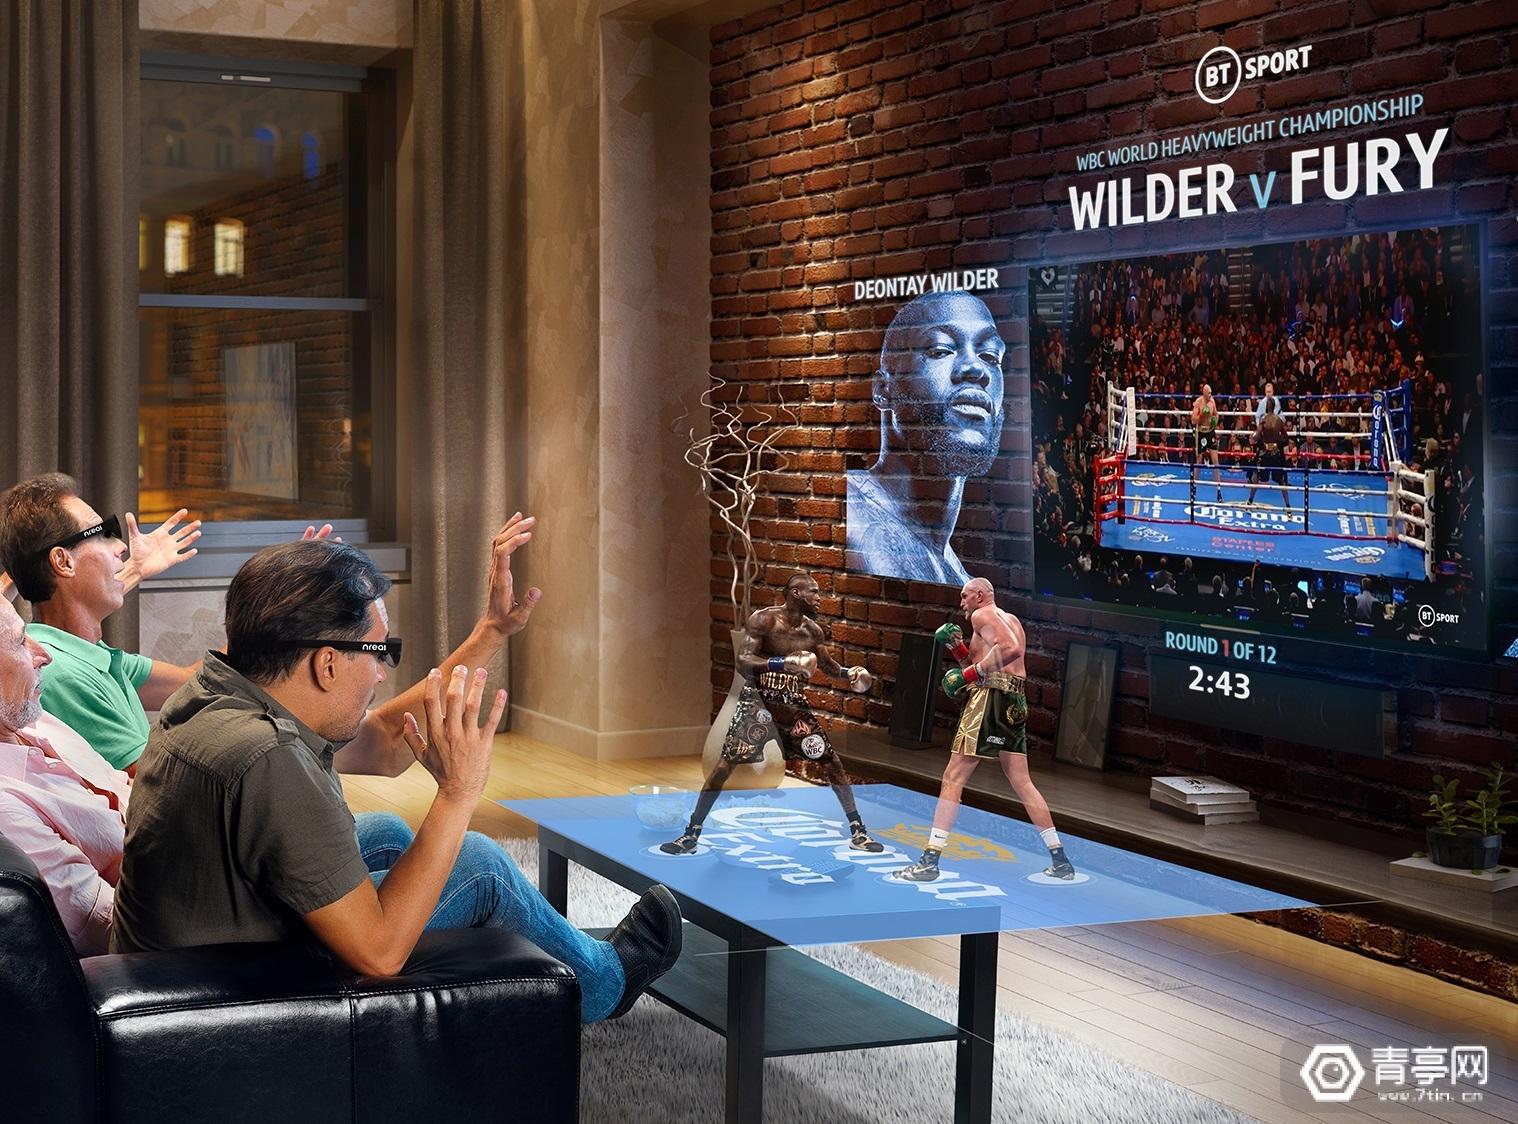 容积视频方案商Condense Reality获80万英镑种子轮融资